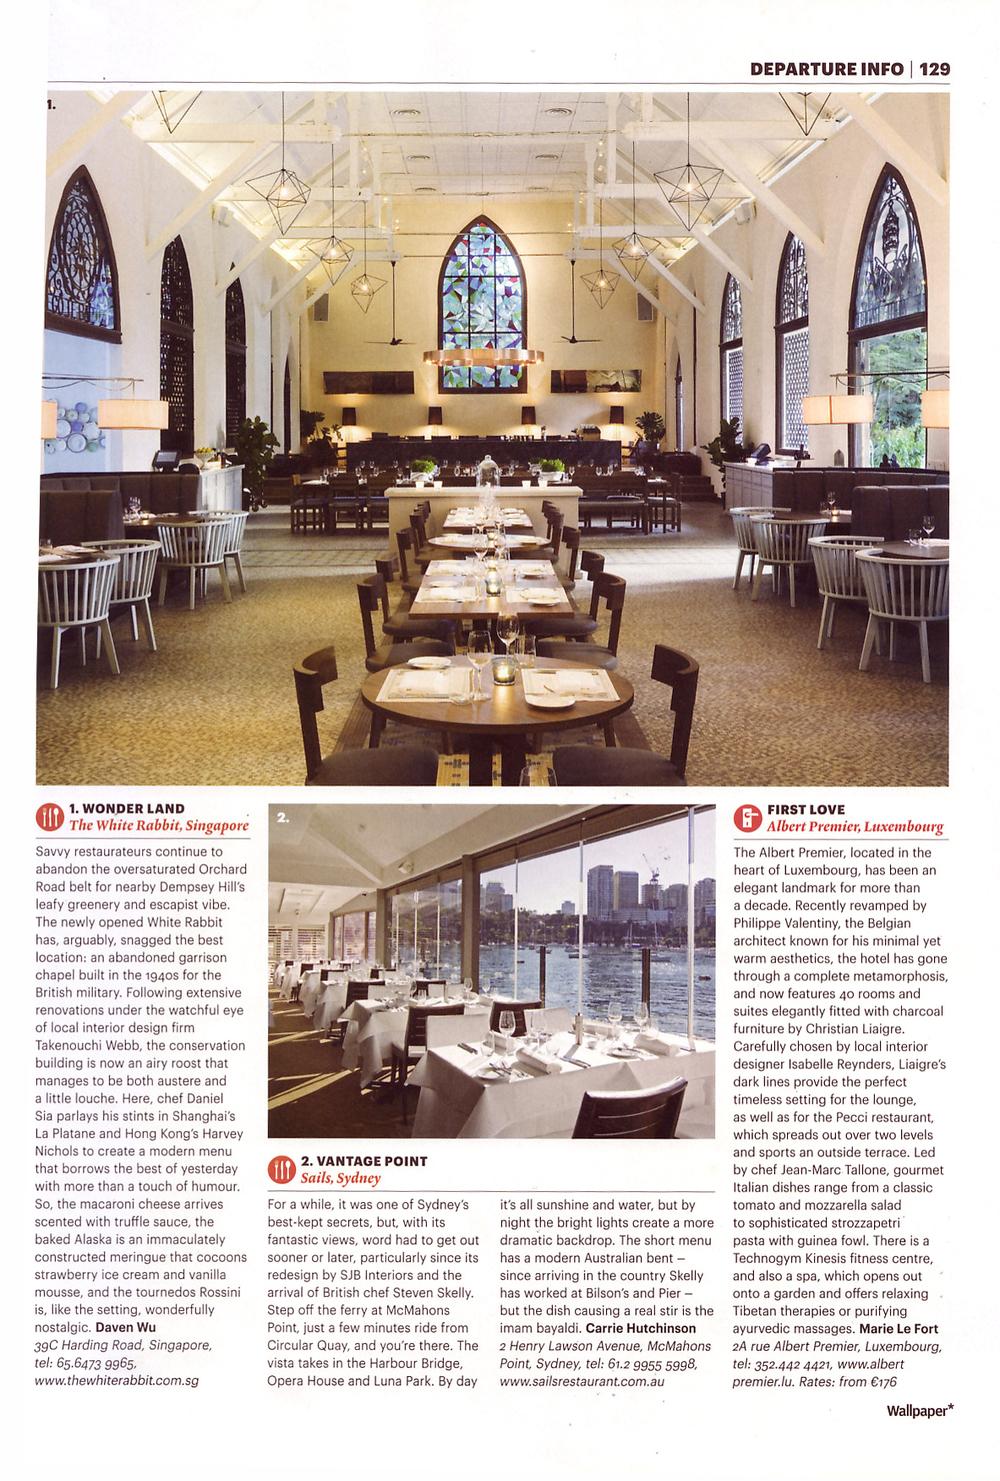 Wallpaper Nov 2008_0002.jpg